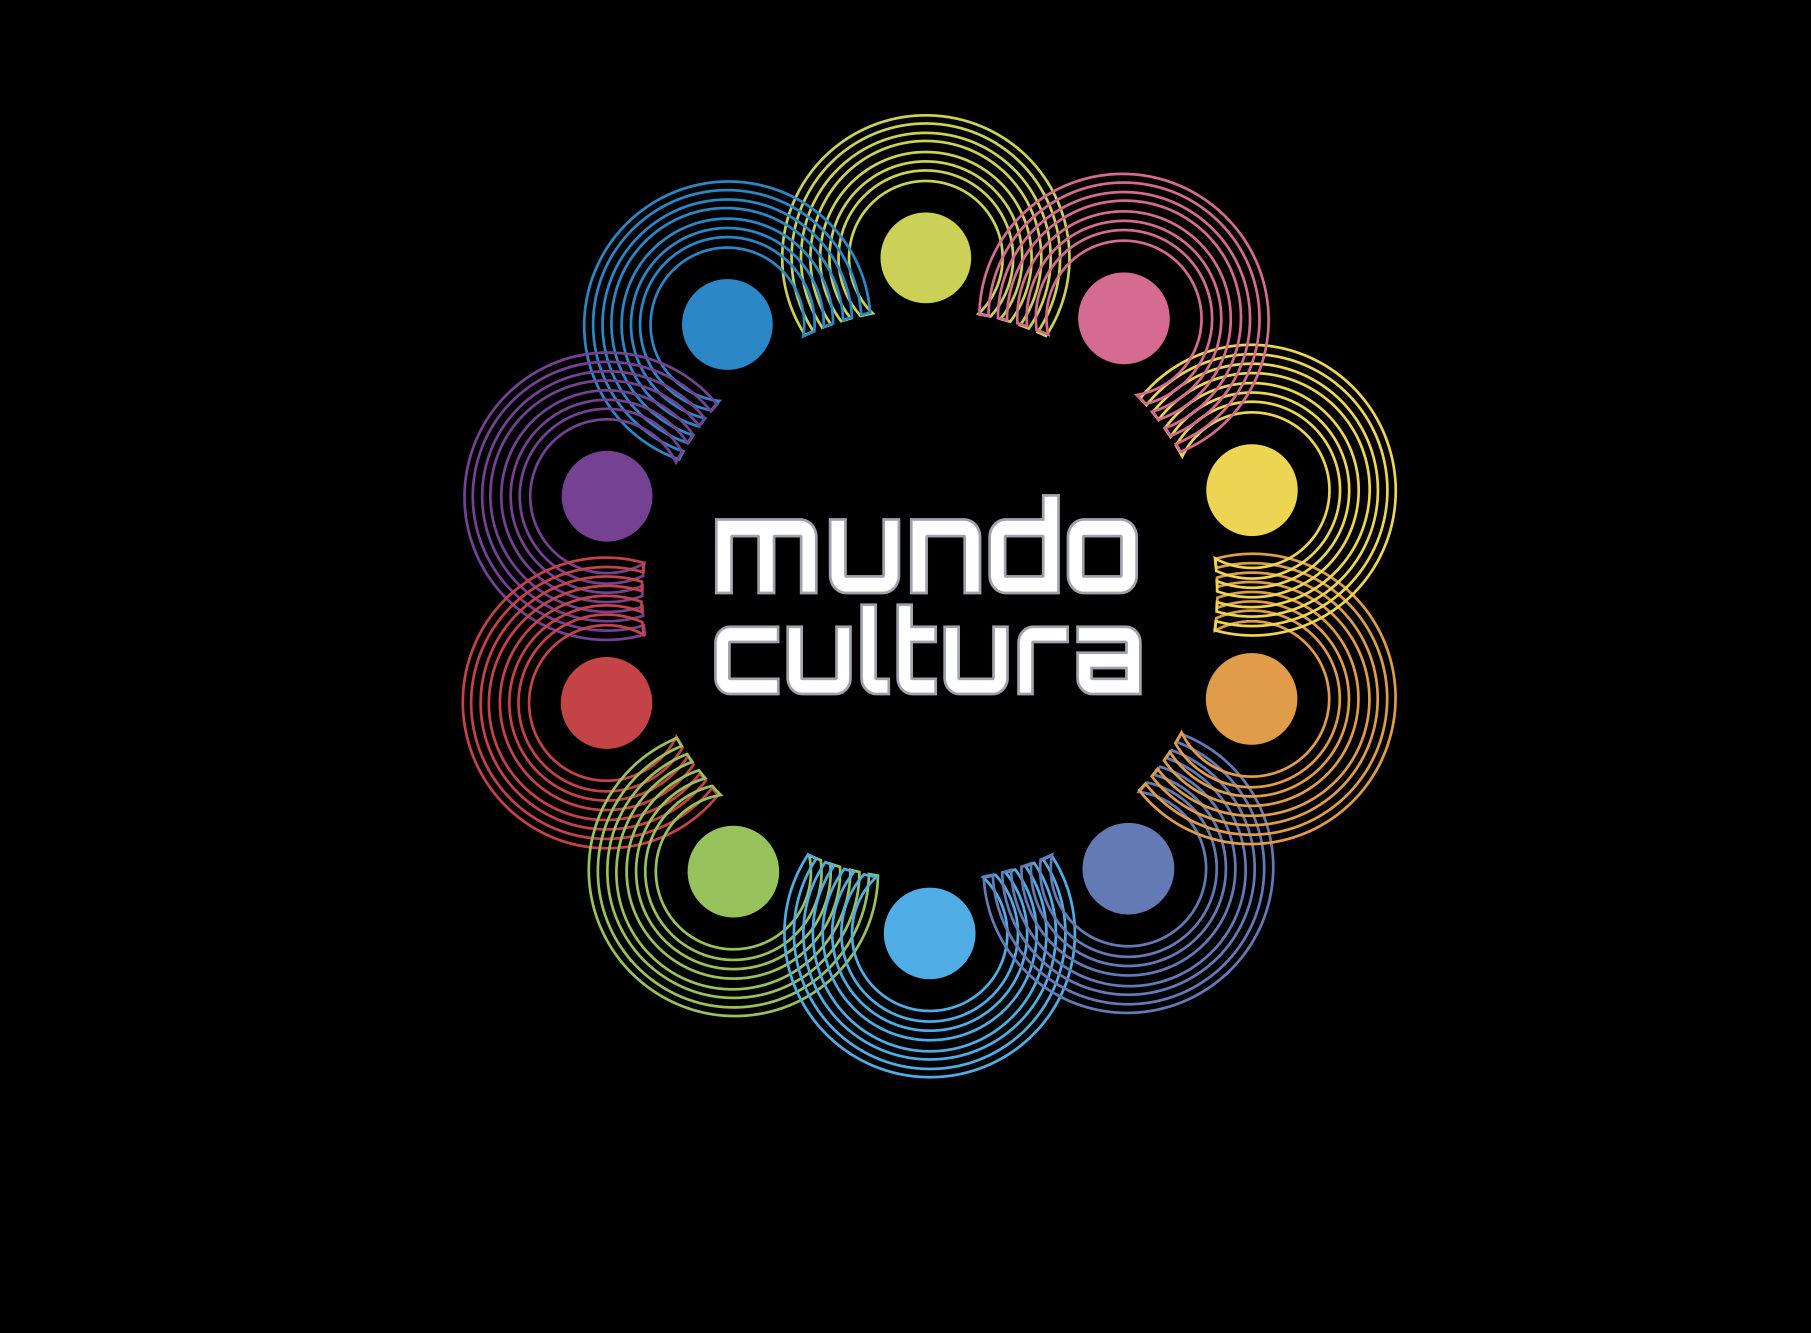 mundo cultura logo